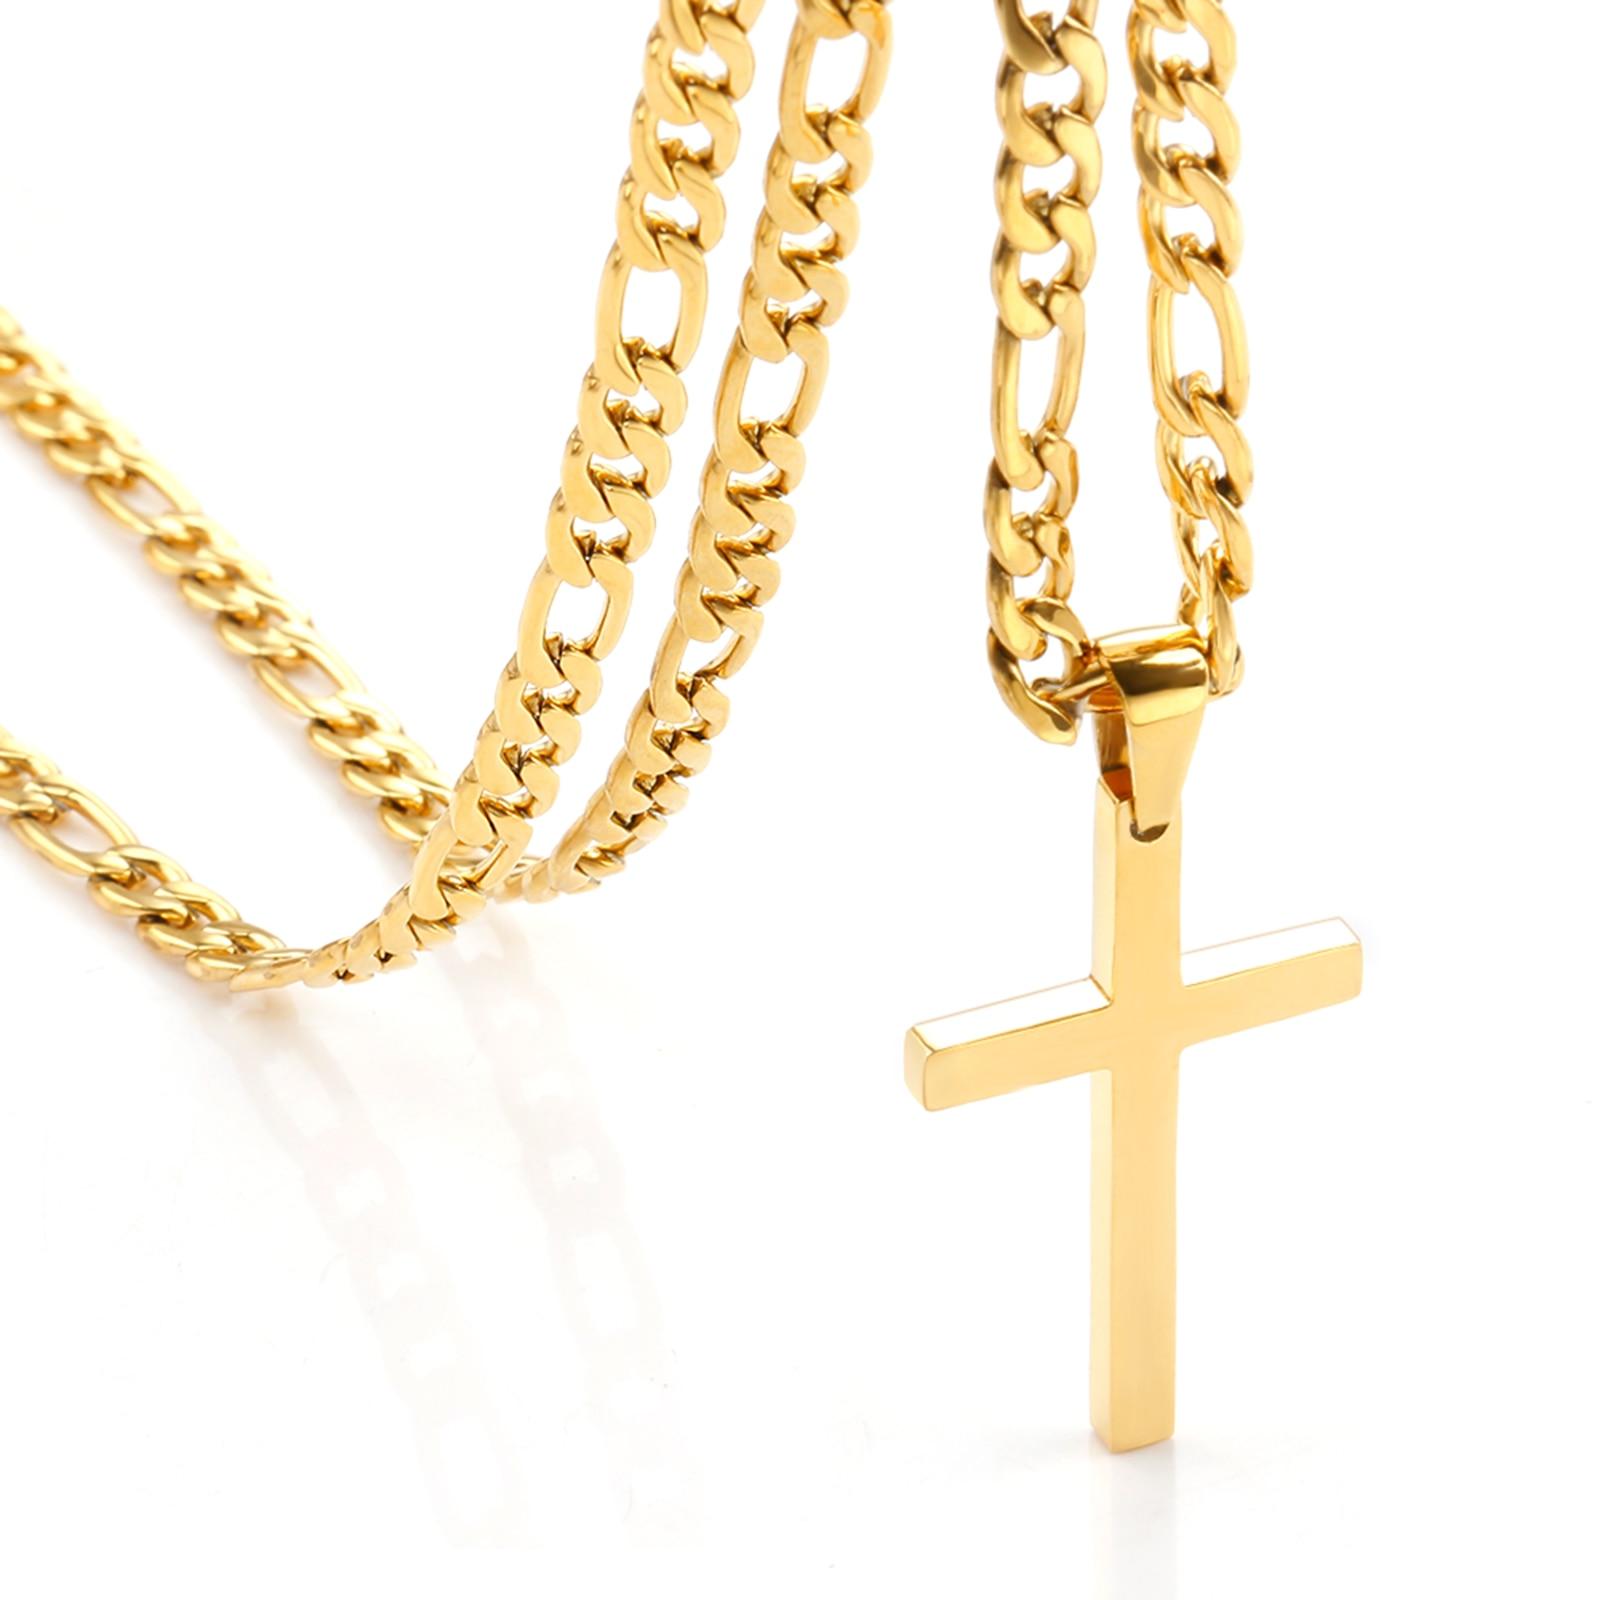 Кулон-в-форме-Креста-на-Водонепроницаемый-nk-ожерелья-для-мужские-классические-туфли-в-стиле-«панк»-из-нержавеющей-стали-и-цепочкой-плетени